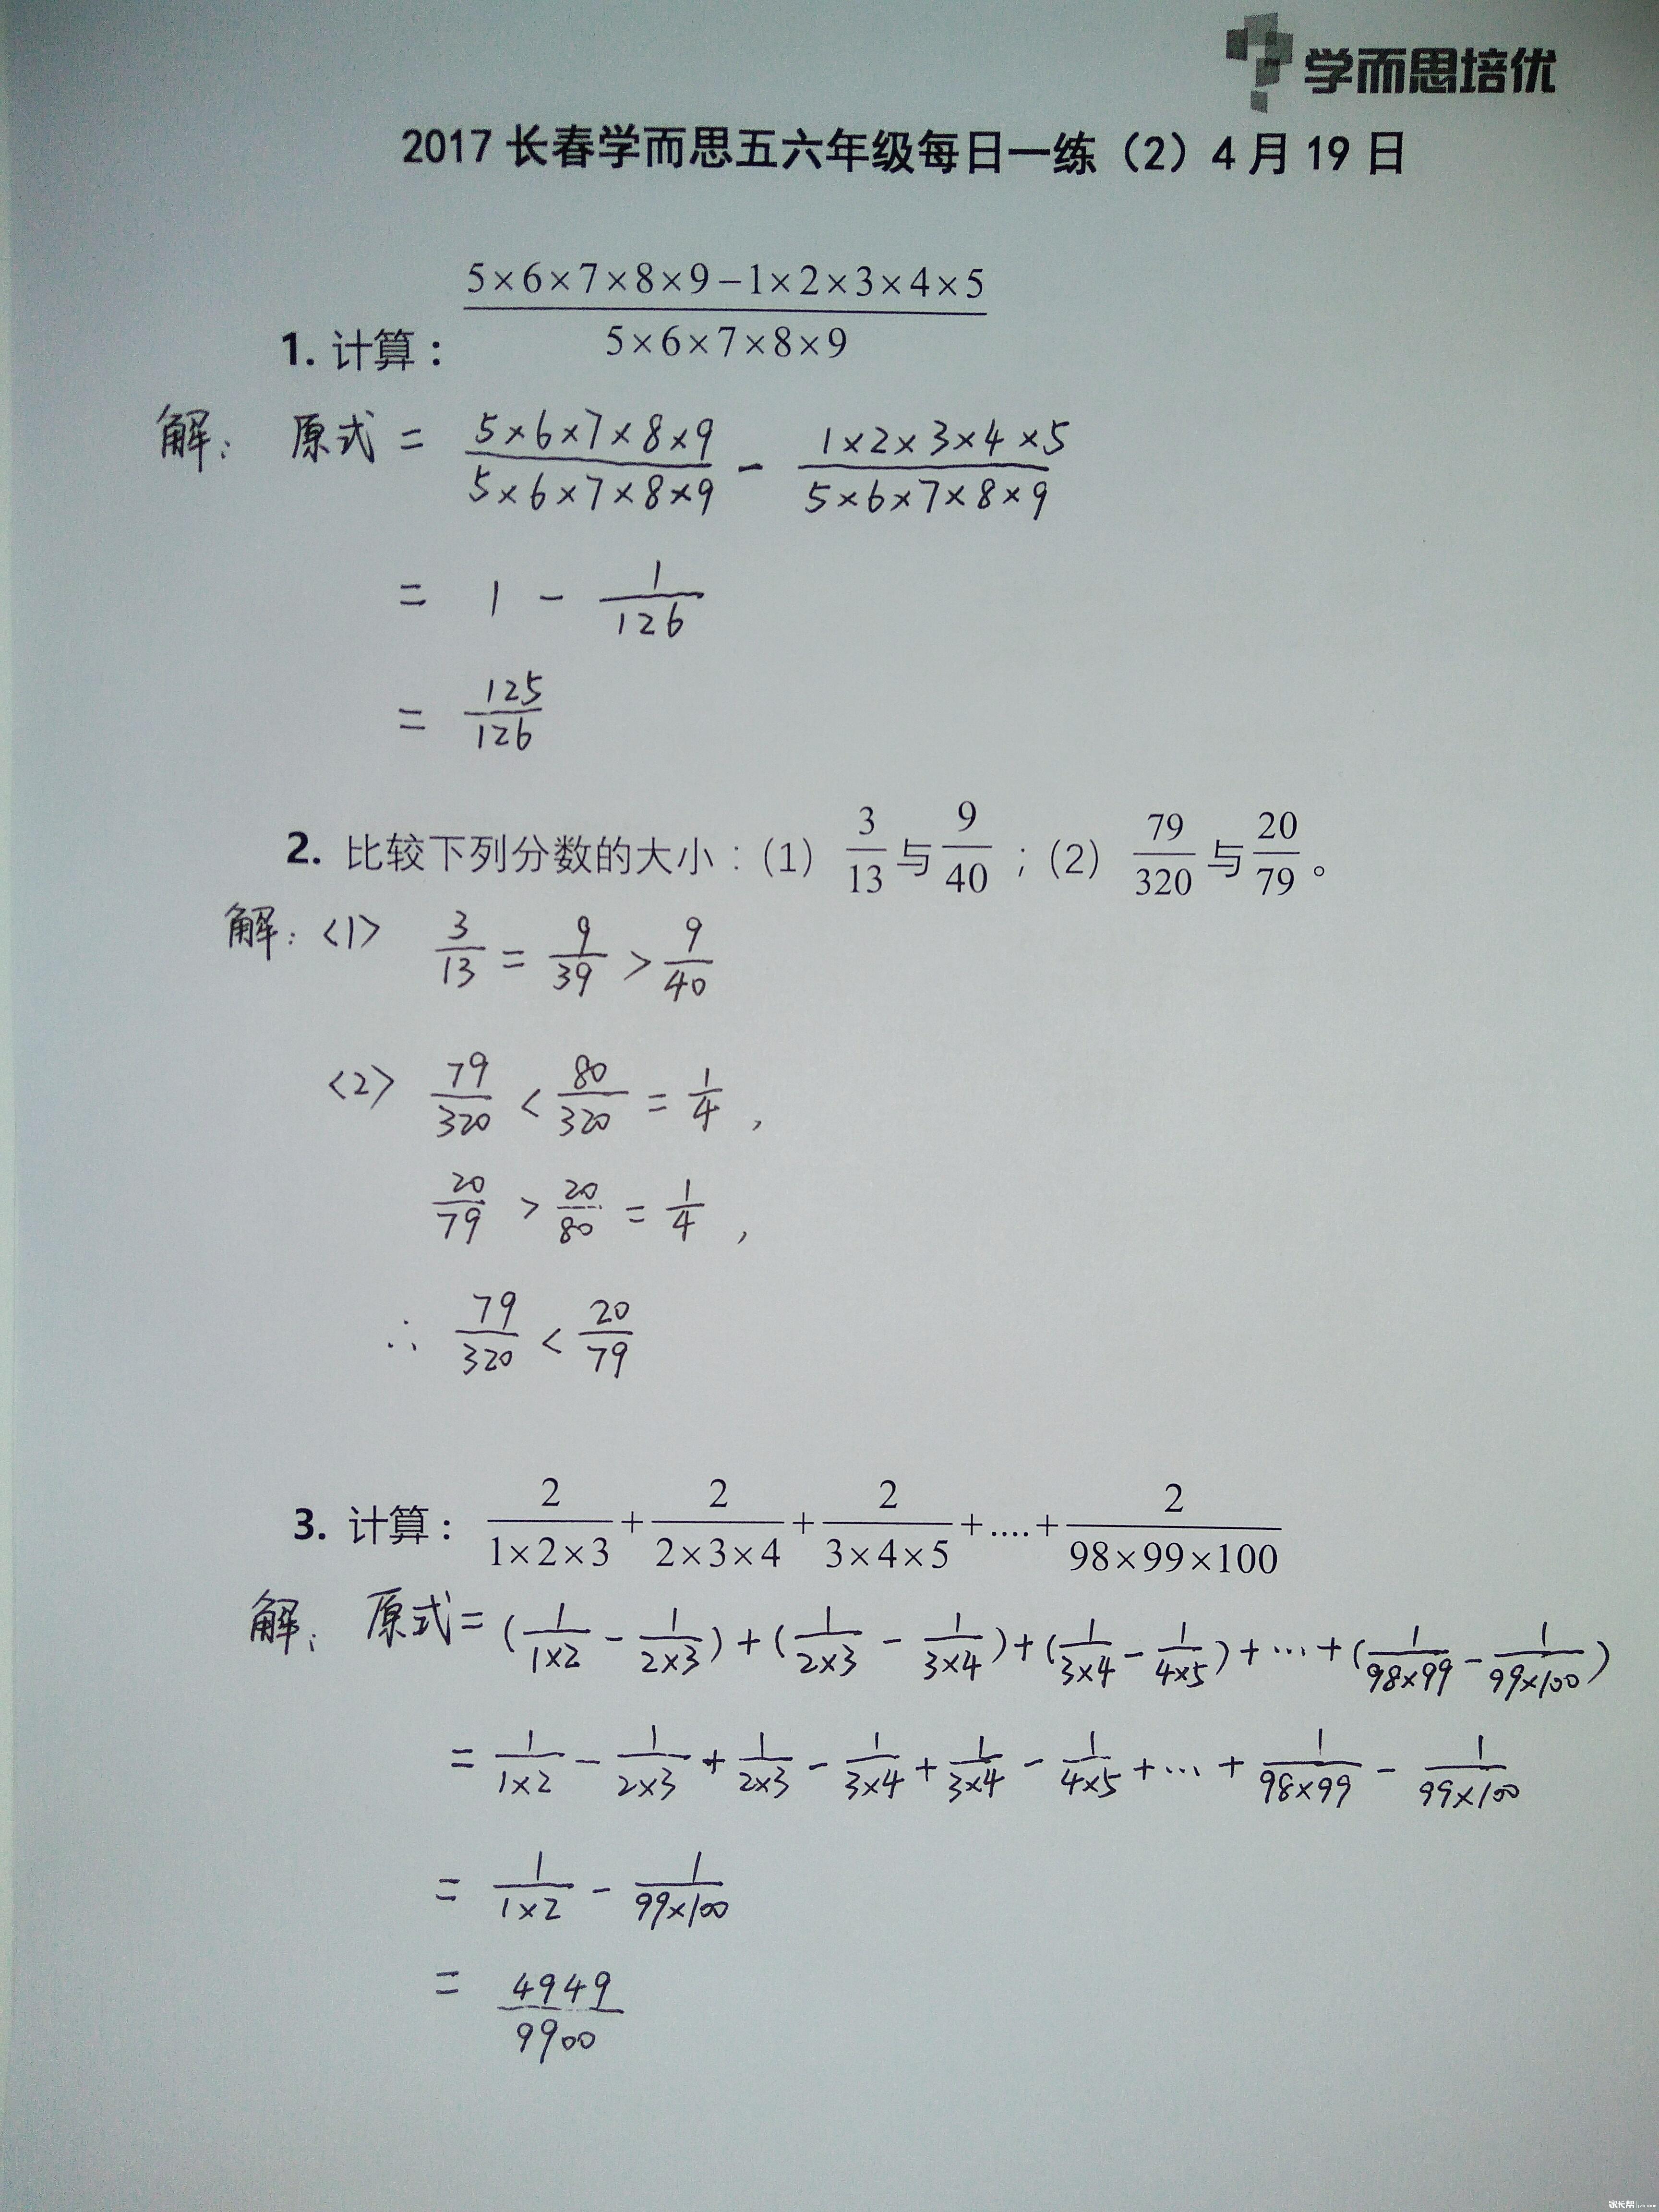 4.19解析.jpg